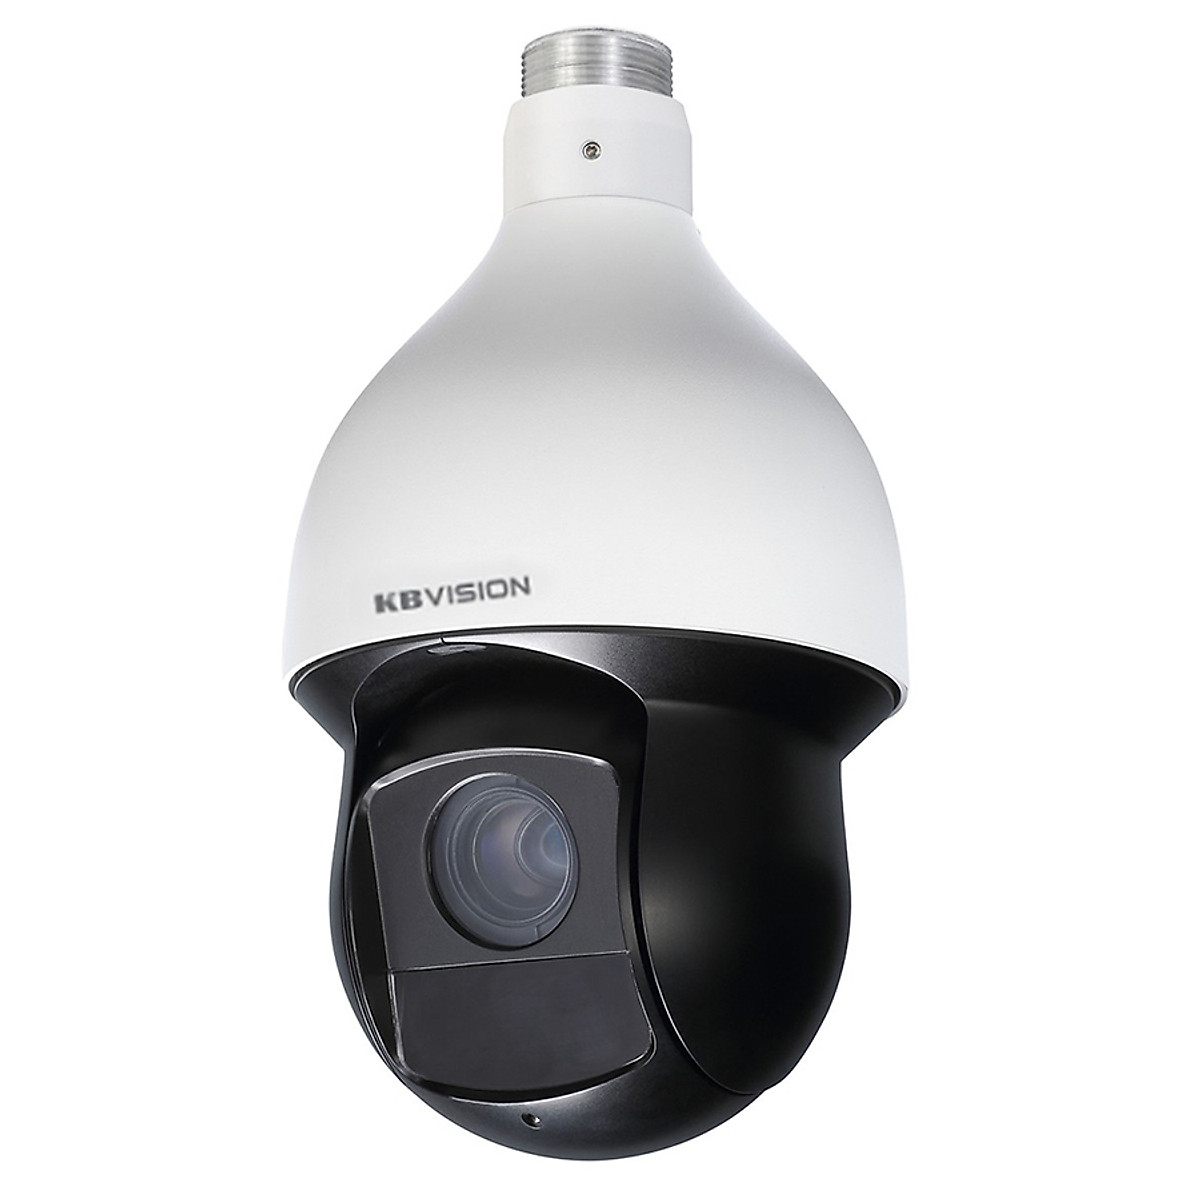 Camera IP KBVISION KX-2308PN 2.0 Megapixel - Hàng Nhập Khẩu